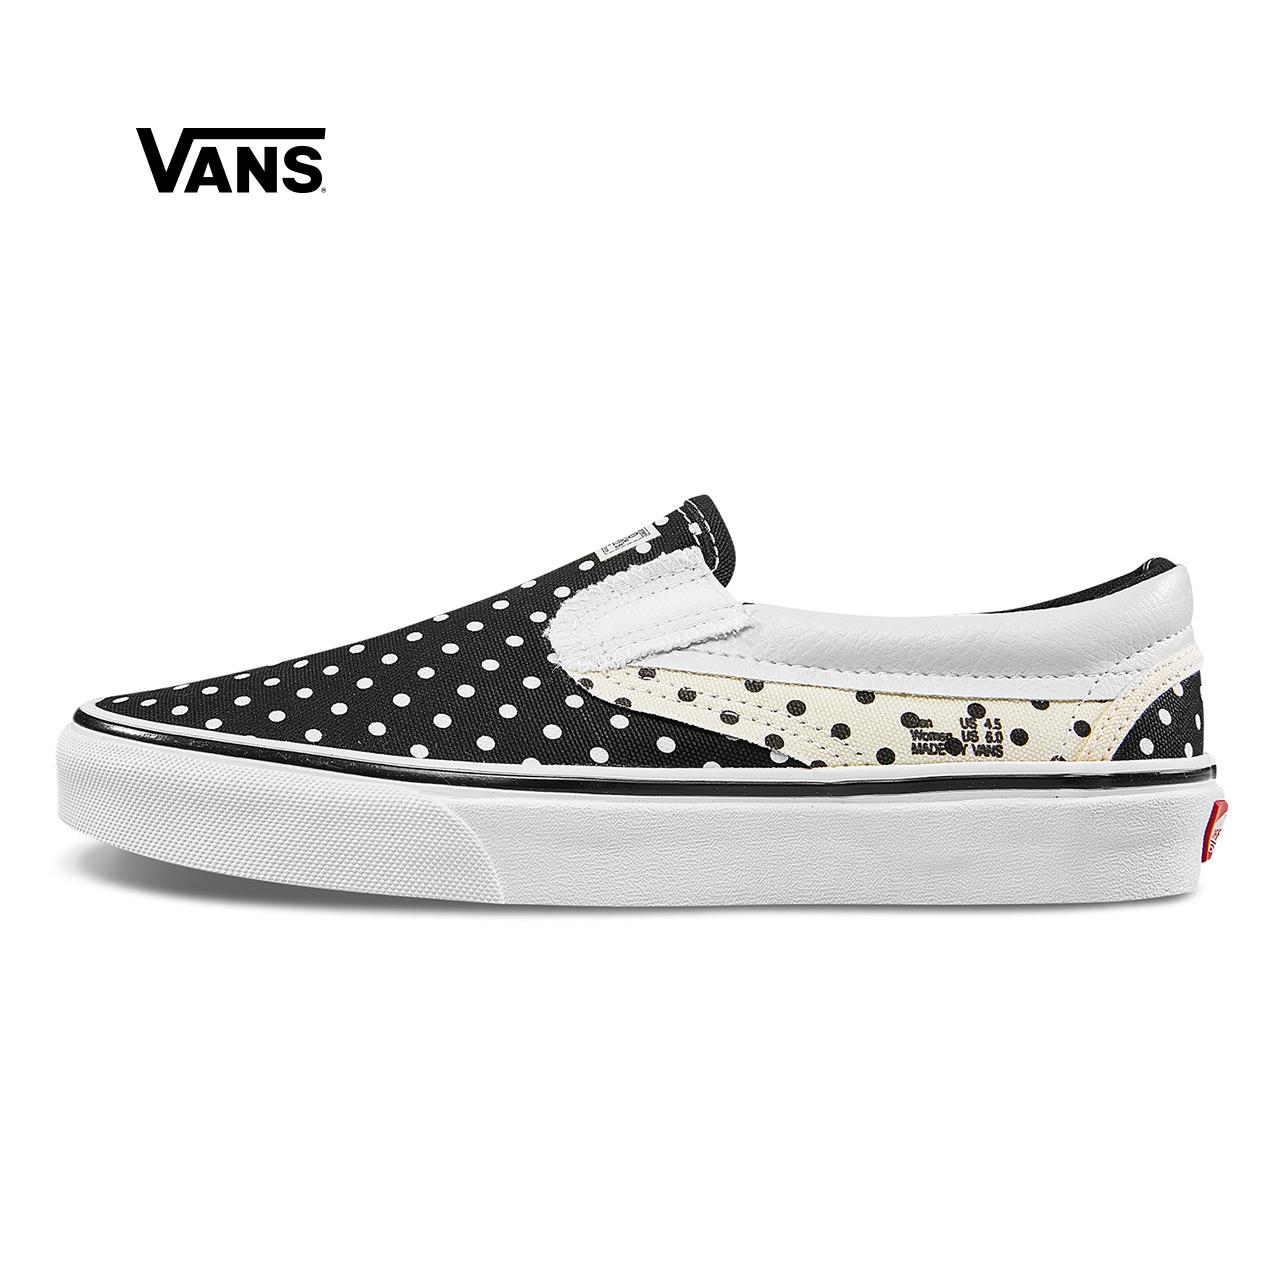 Vans范斯 经典系列 Slip-On帆布鞋 低帮女子官方正品